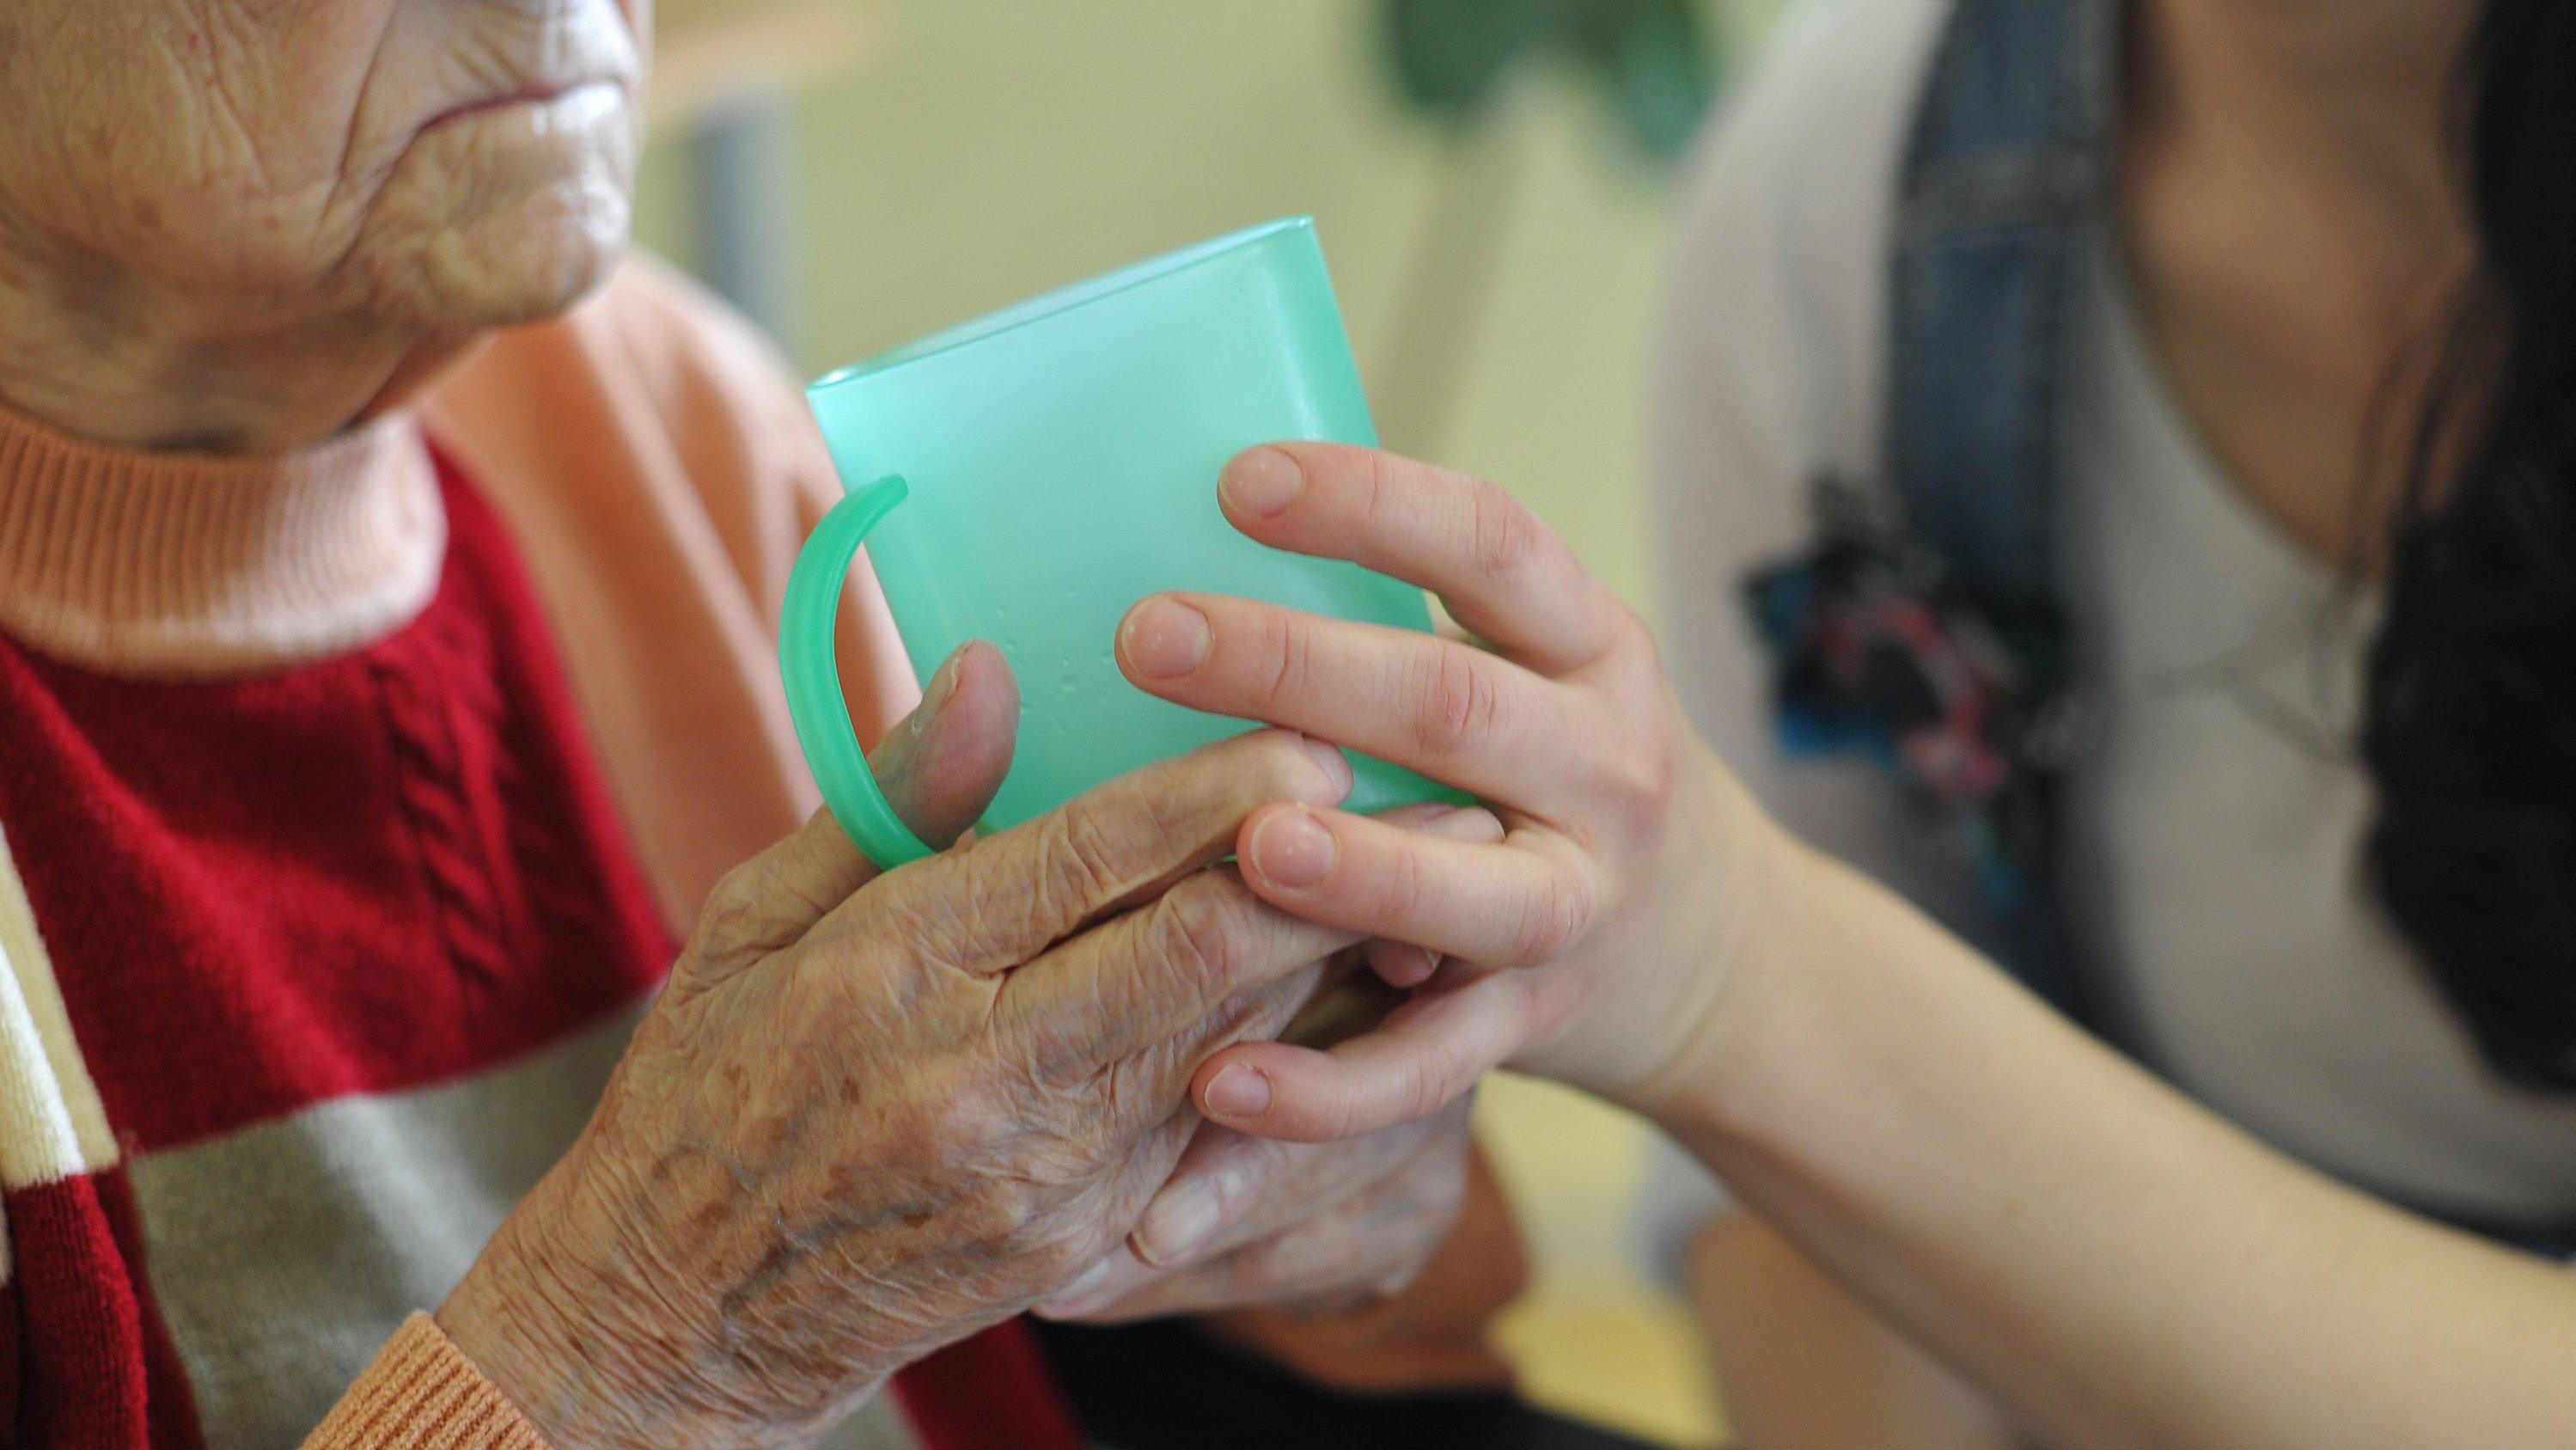 Hitzewellen sind besonders für alte Menschen lebensbedrohlich. Dem Rekordsommer von 2003 sind in Europa schätzungsweise 70.000 Menschen zum Opfer gefallen.